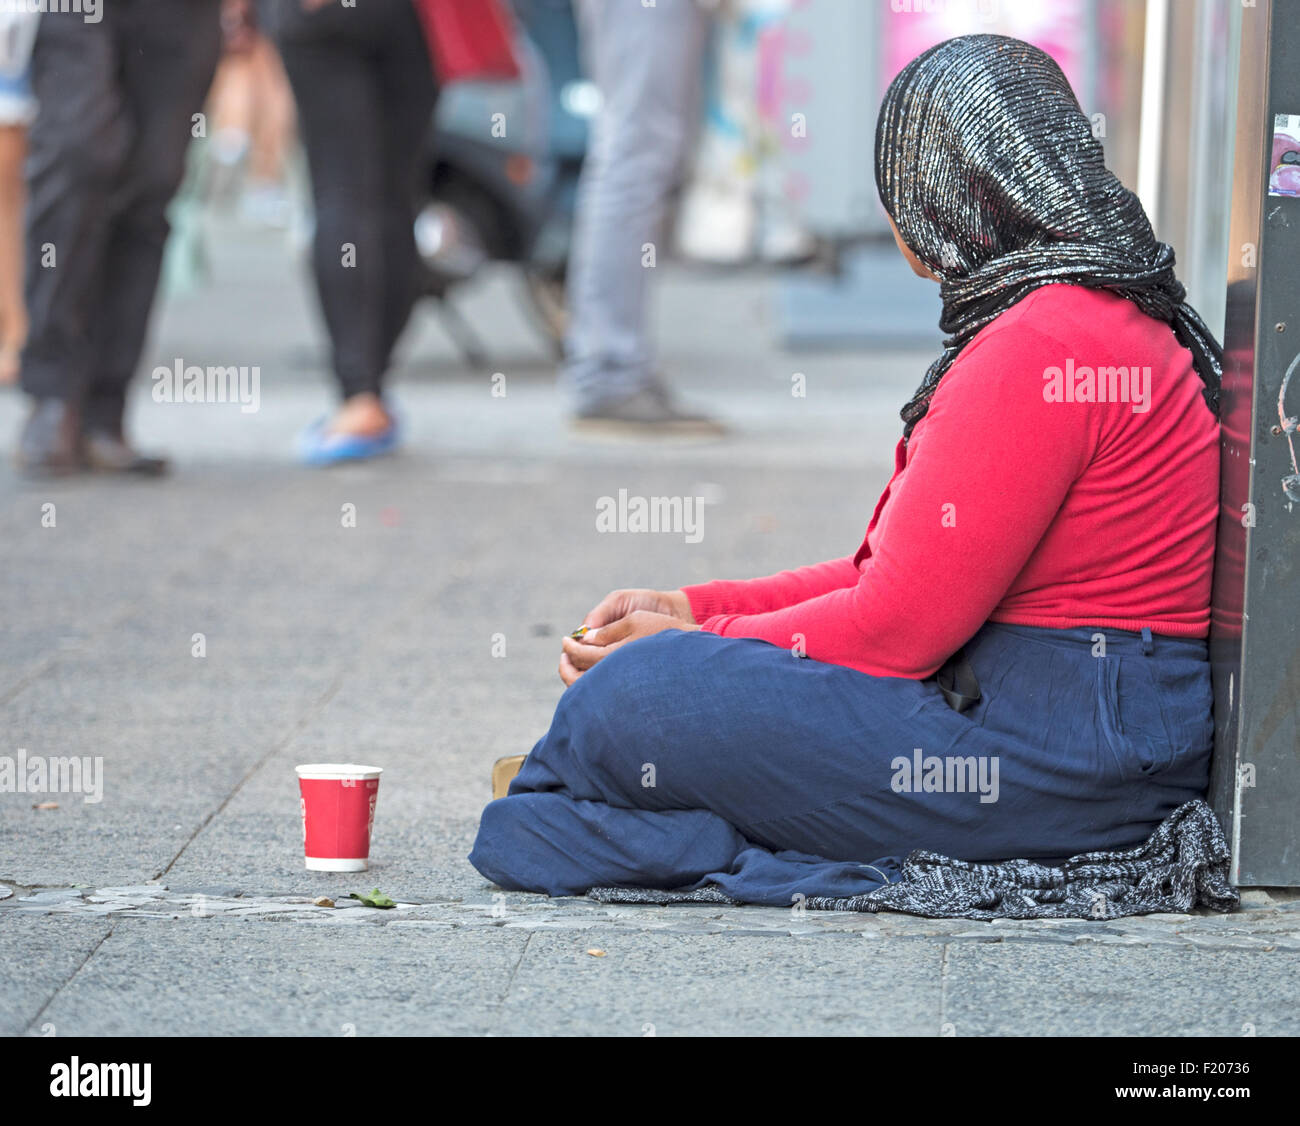 Bettlerin sitzt auf der Straße - Stock Image